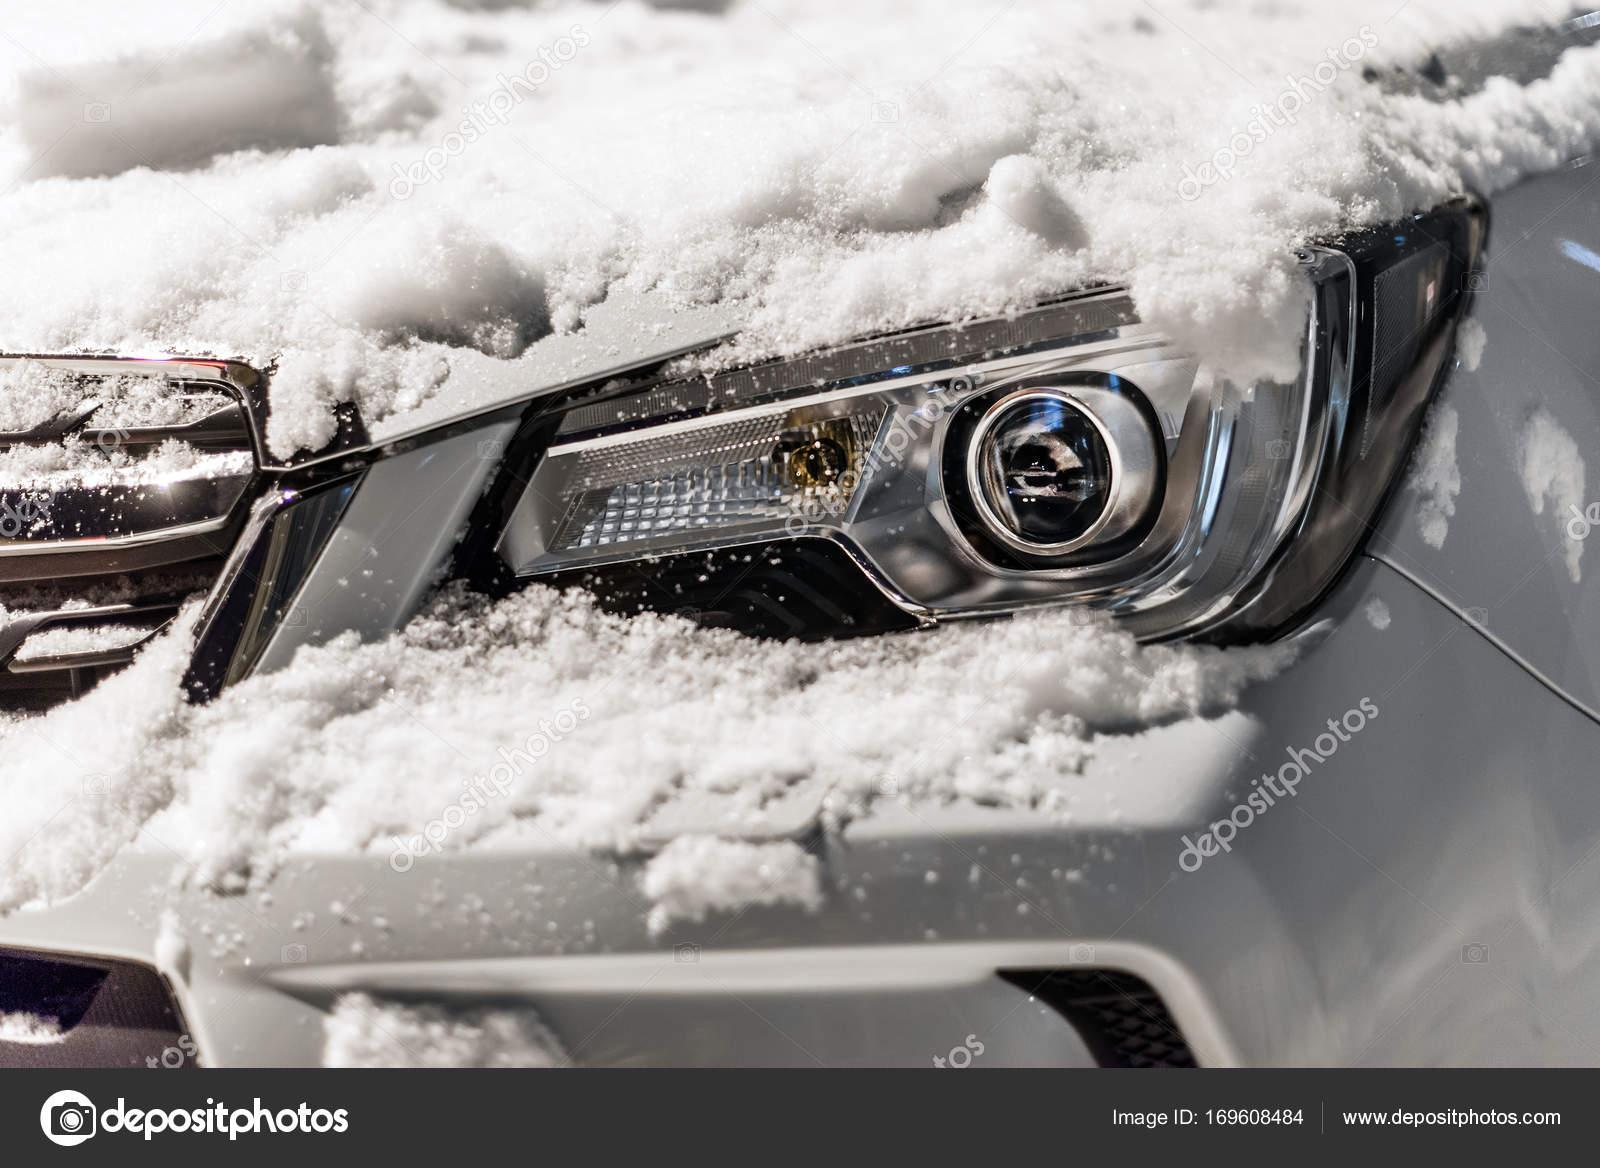 Auto verlichting onder de sneeuw — Stockfoto © Svyatkovsky #169608484